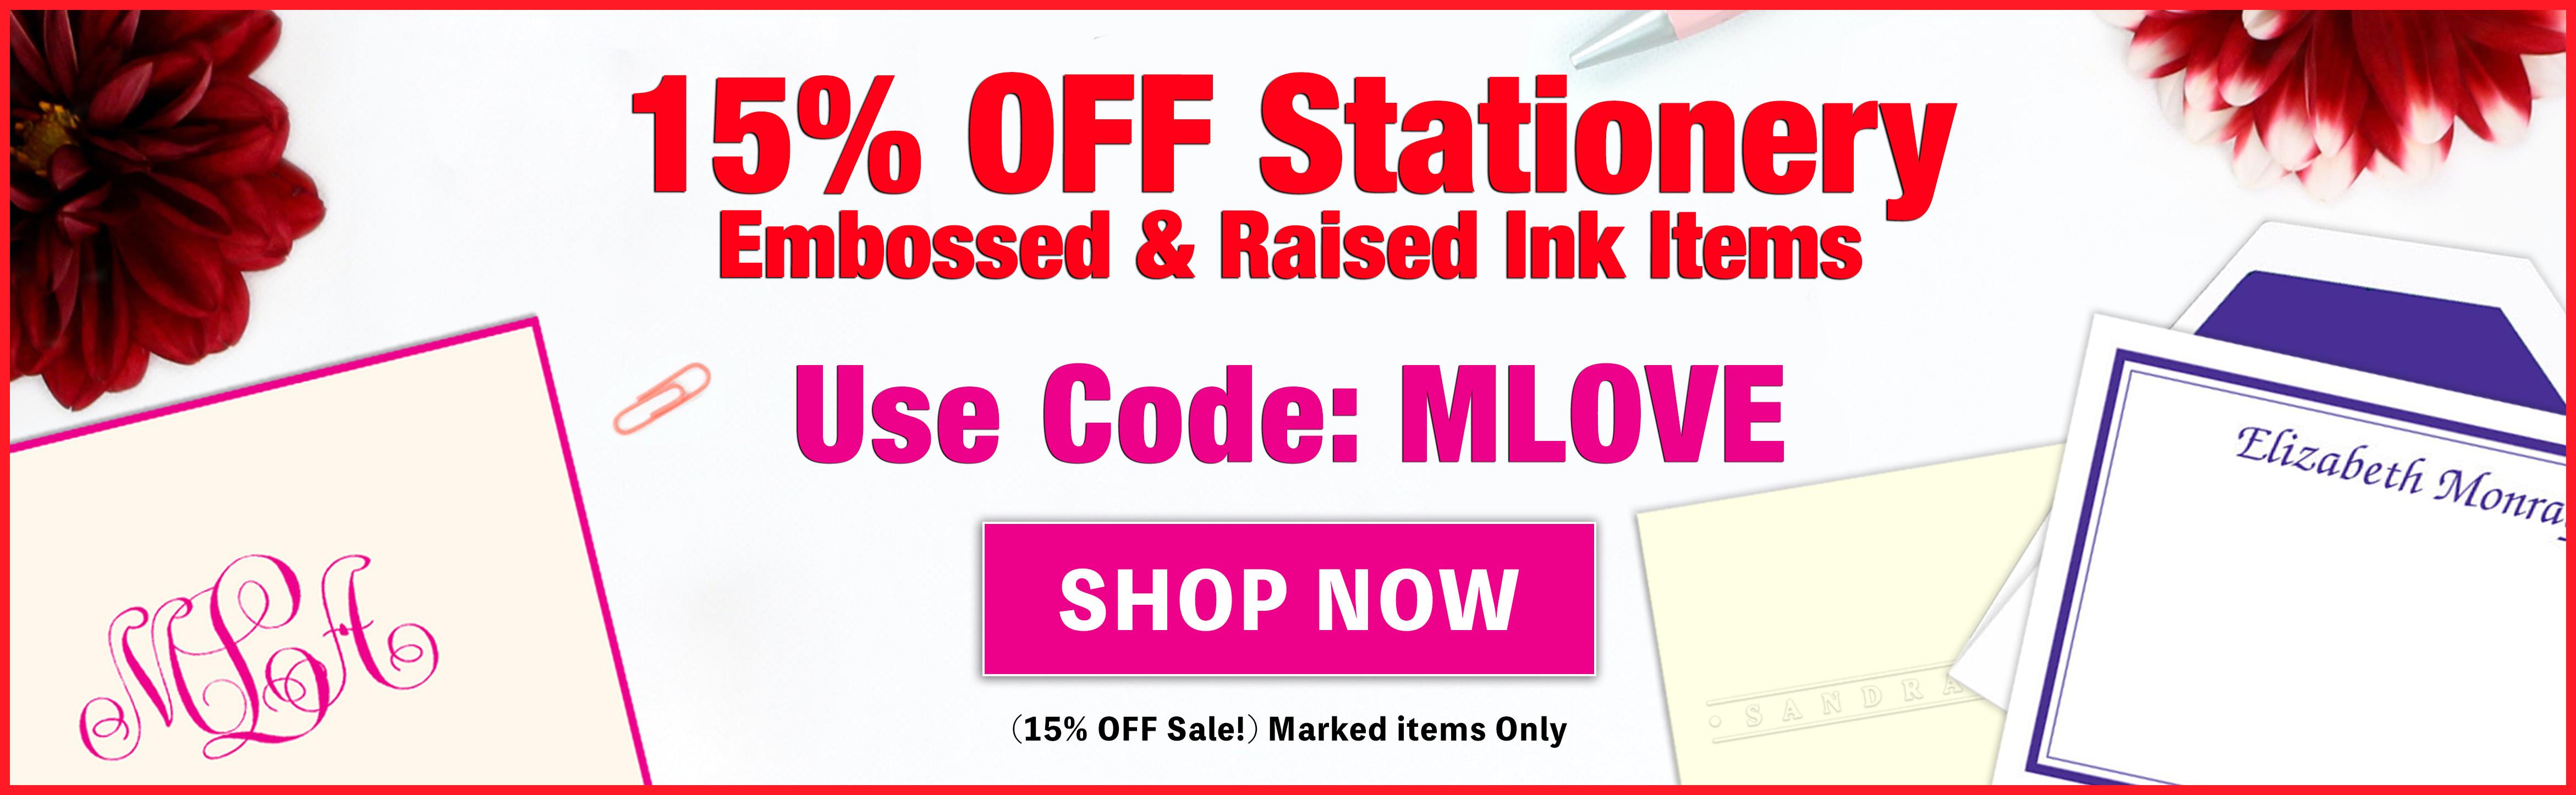 15% OFF Stationery Sale at StationeryXpress.com!